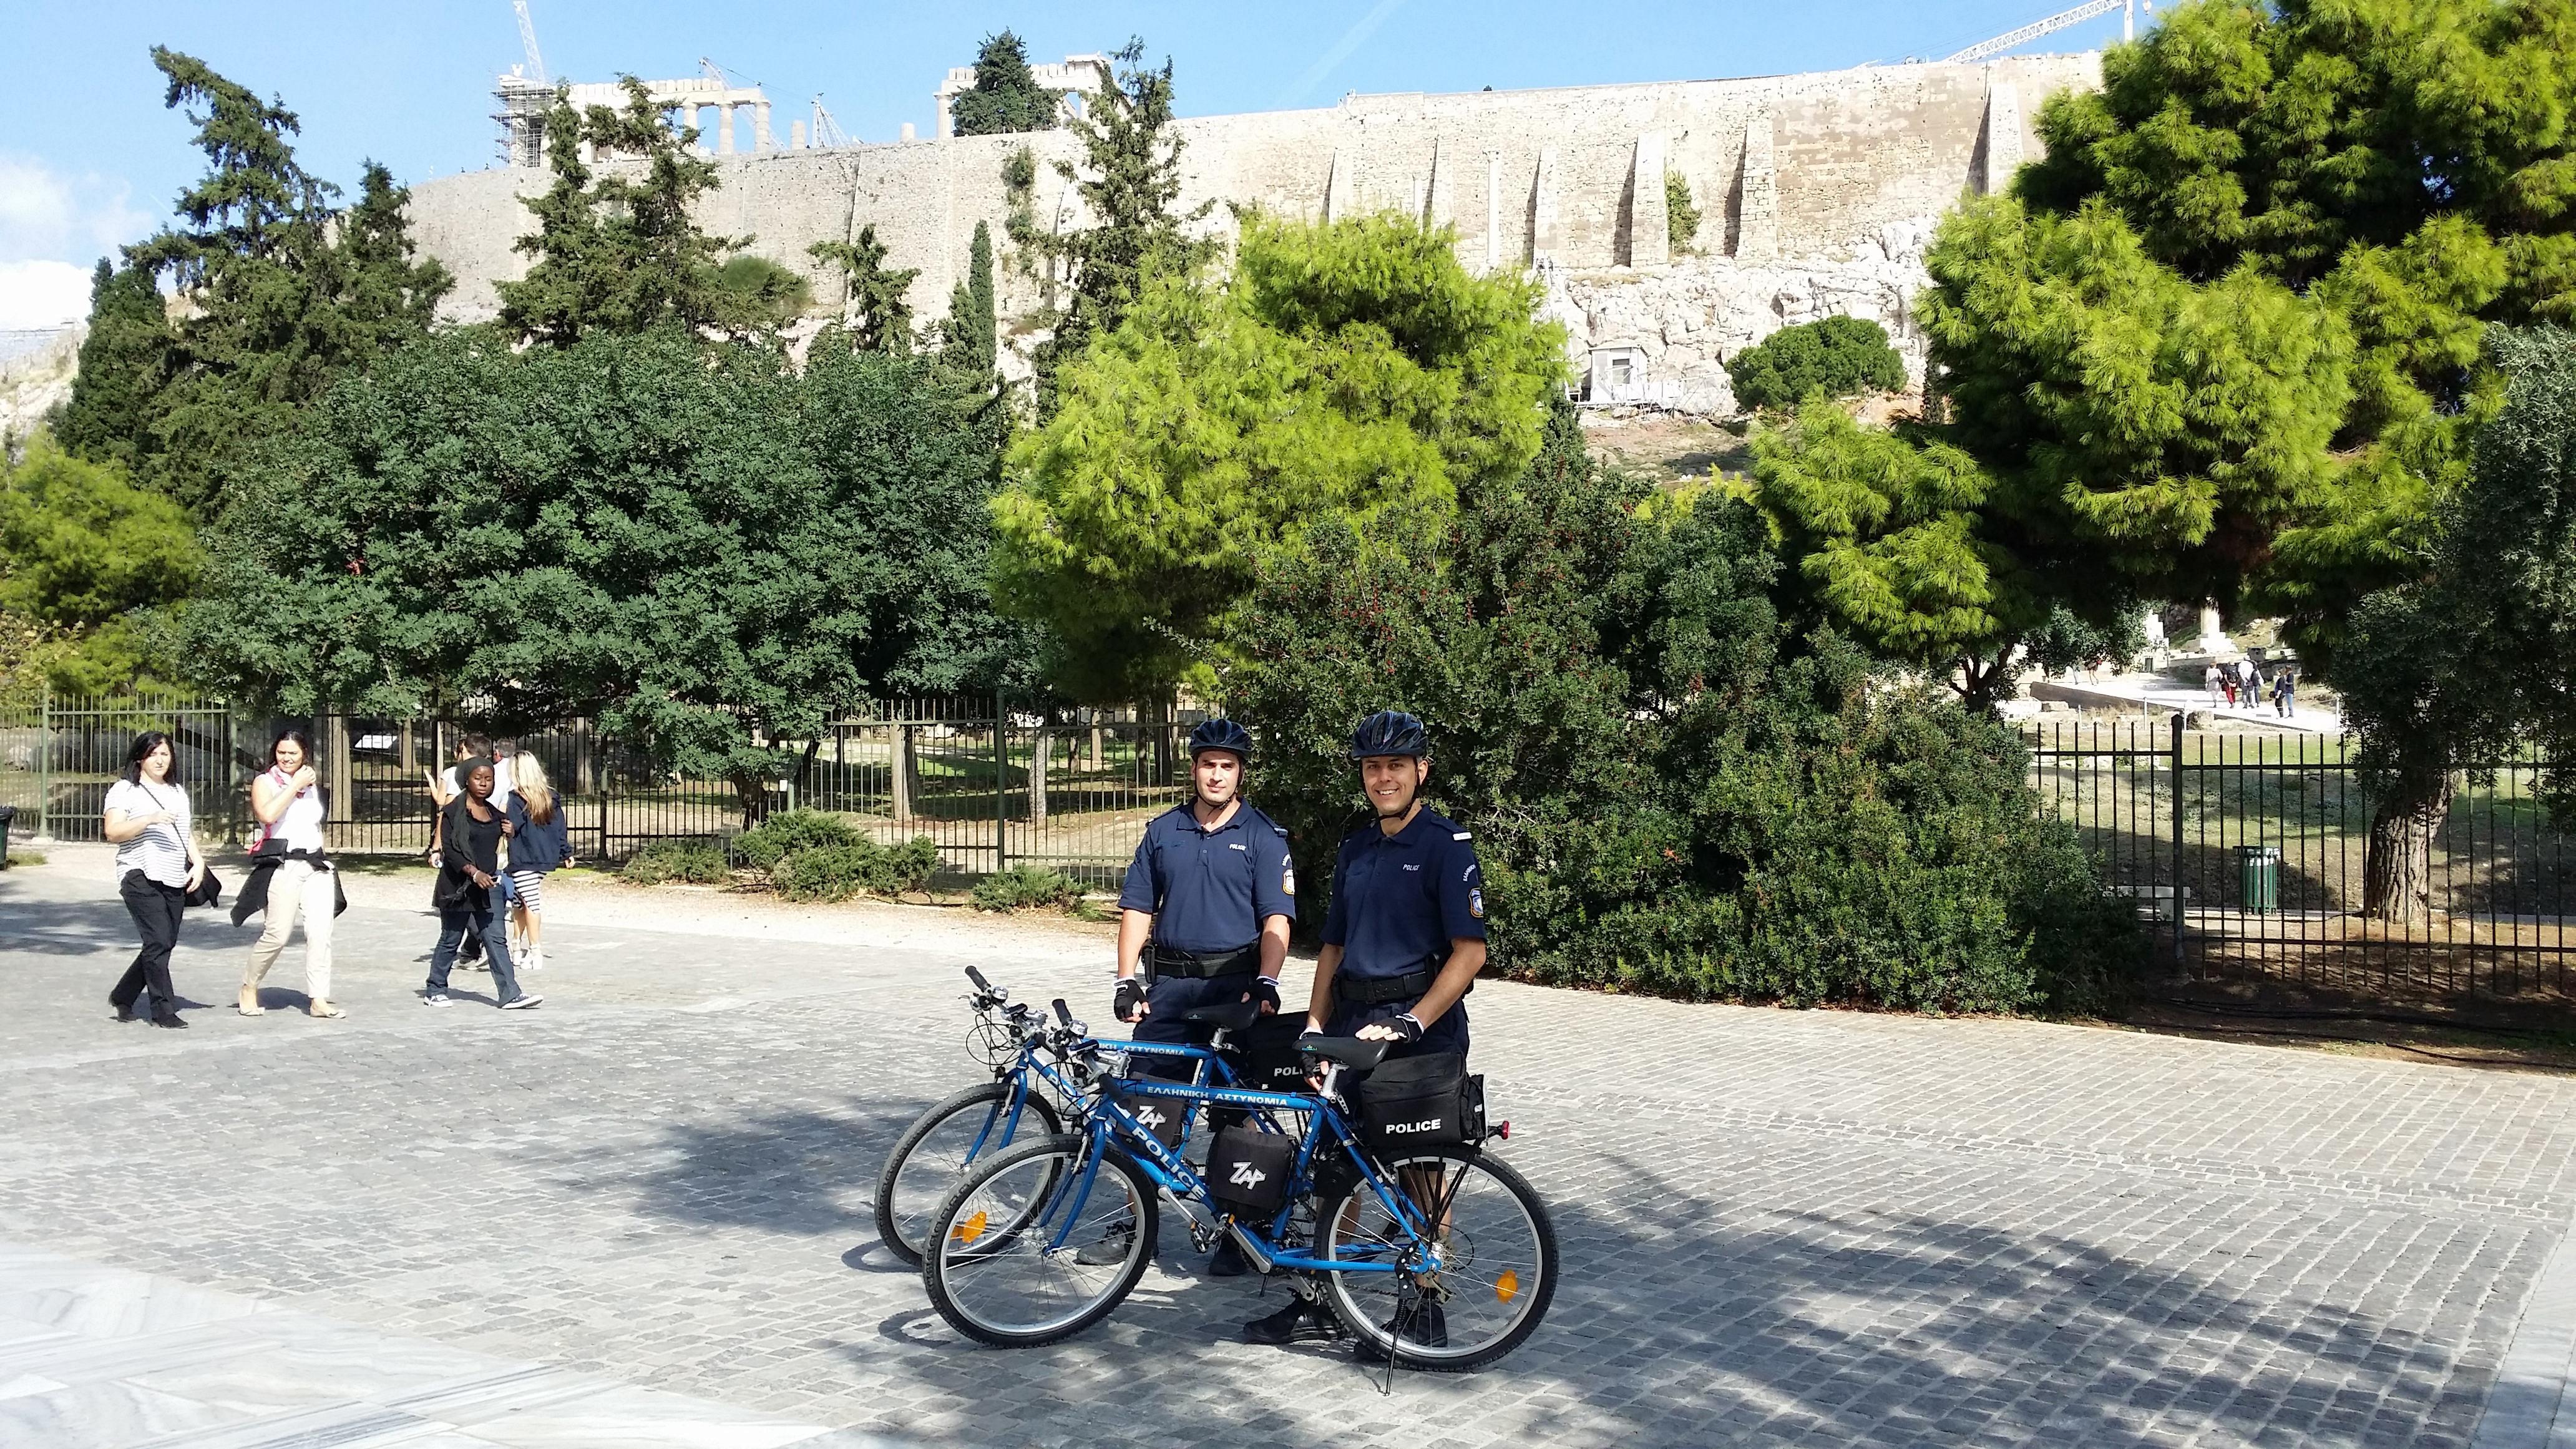 Ξεκινούν περιπολίες αστυνομικών με ποδήλατα στην Αθήνα